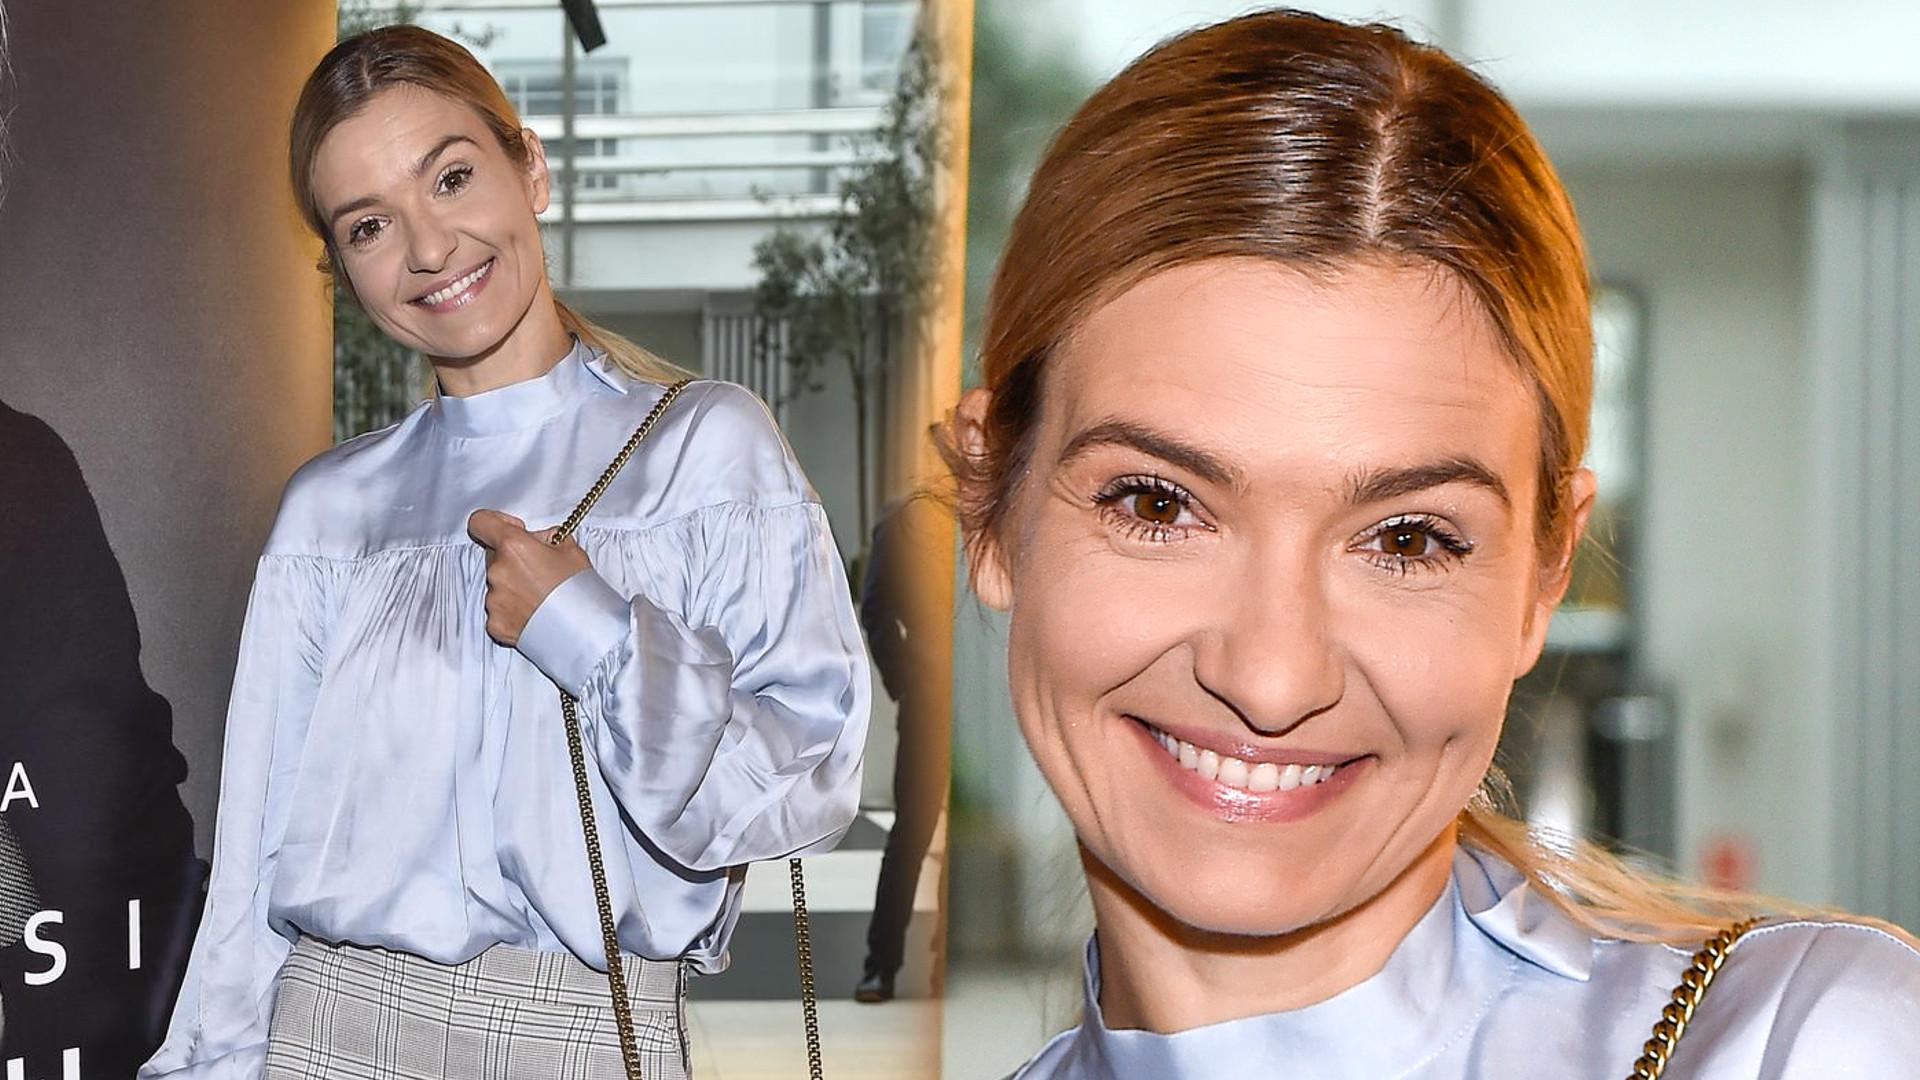 Jaka ona jest szczupła! Joanna Koroniewska wygląda jak MODELKA (ZDJĘCIA)